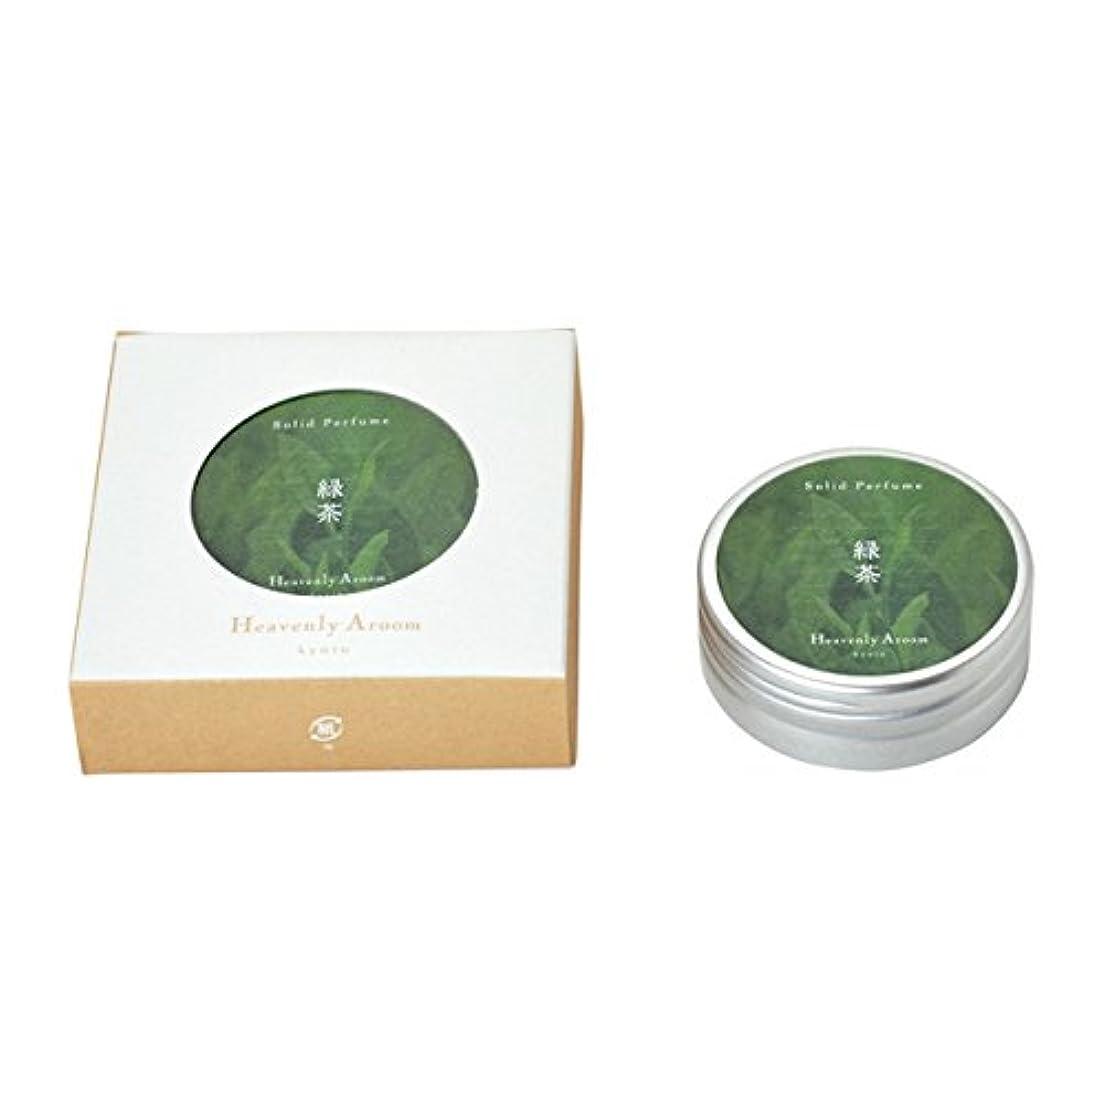 疲労保護する葉を拾うHeavenly Aroom ソリッドパフューム 緑茶 15g